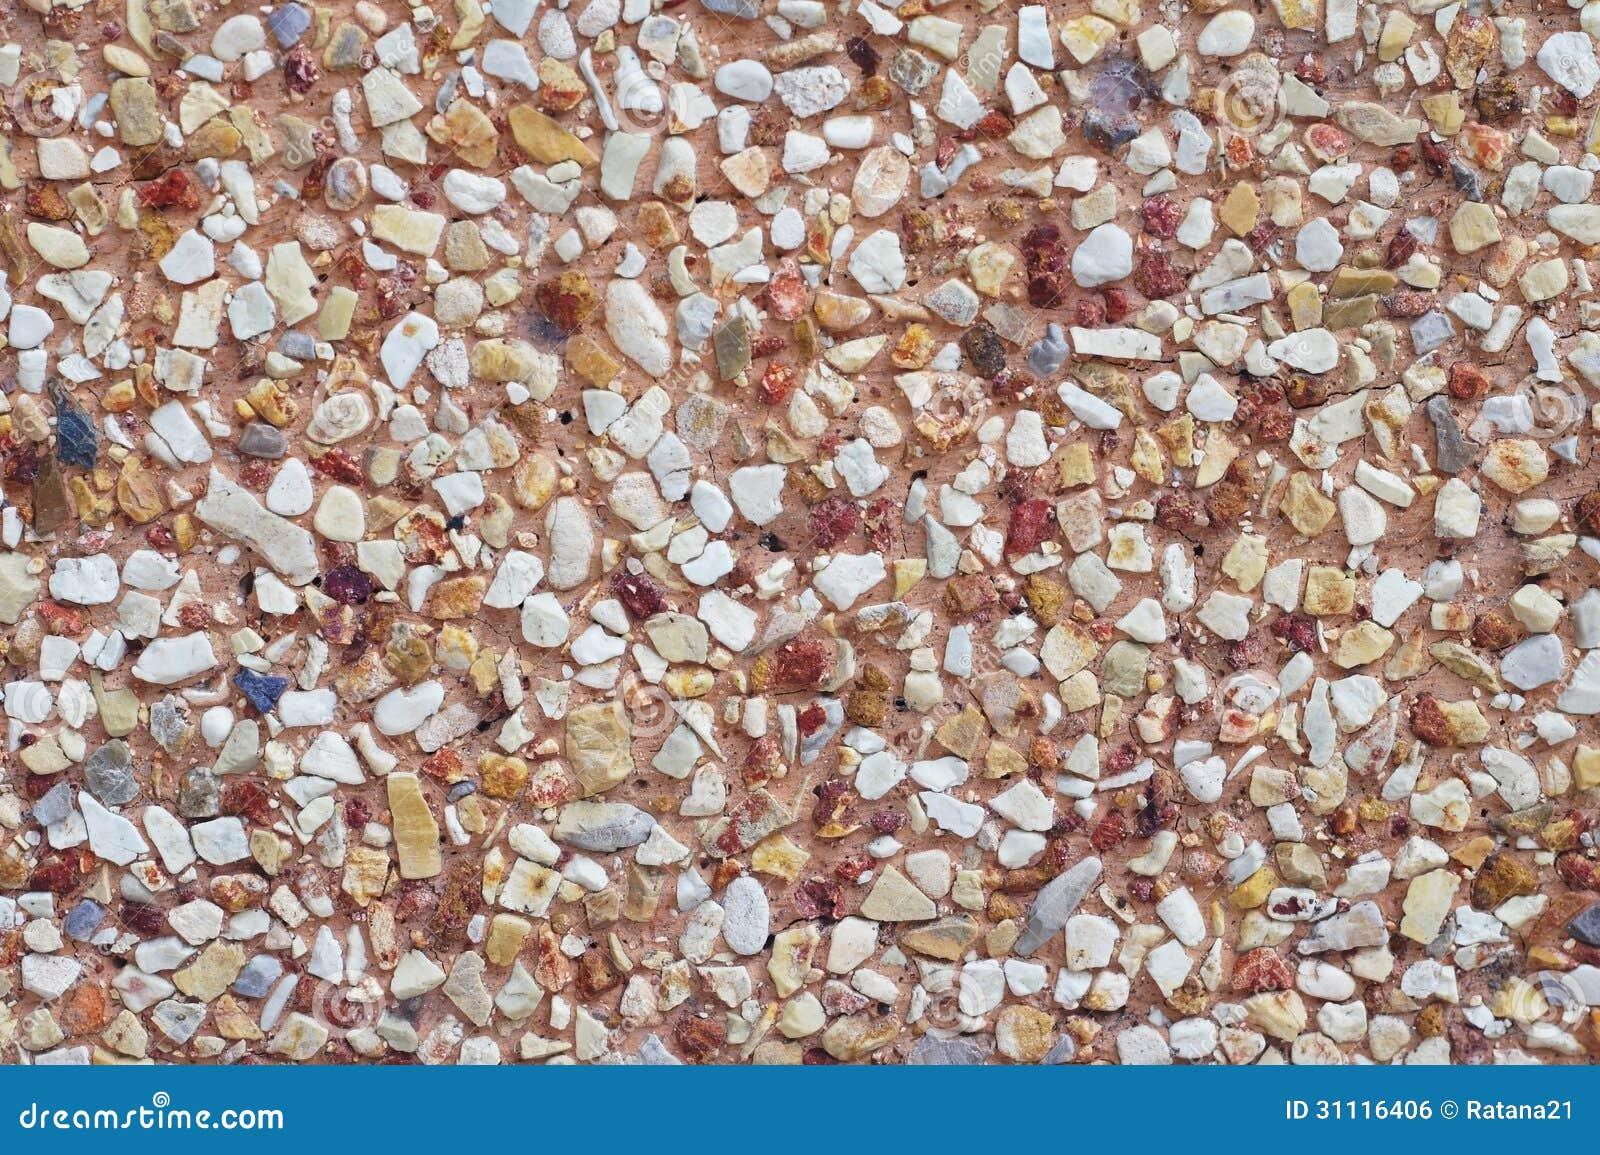 Textura del suelo de baldosas de piedra foto de archivo Baldosa pared piedra